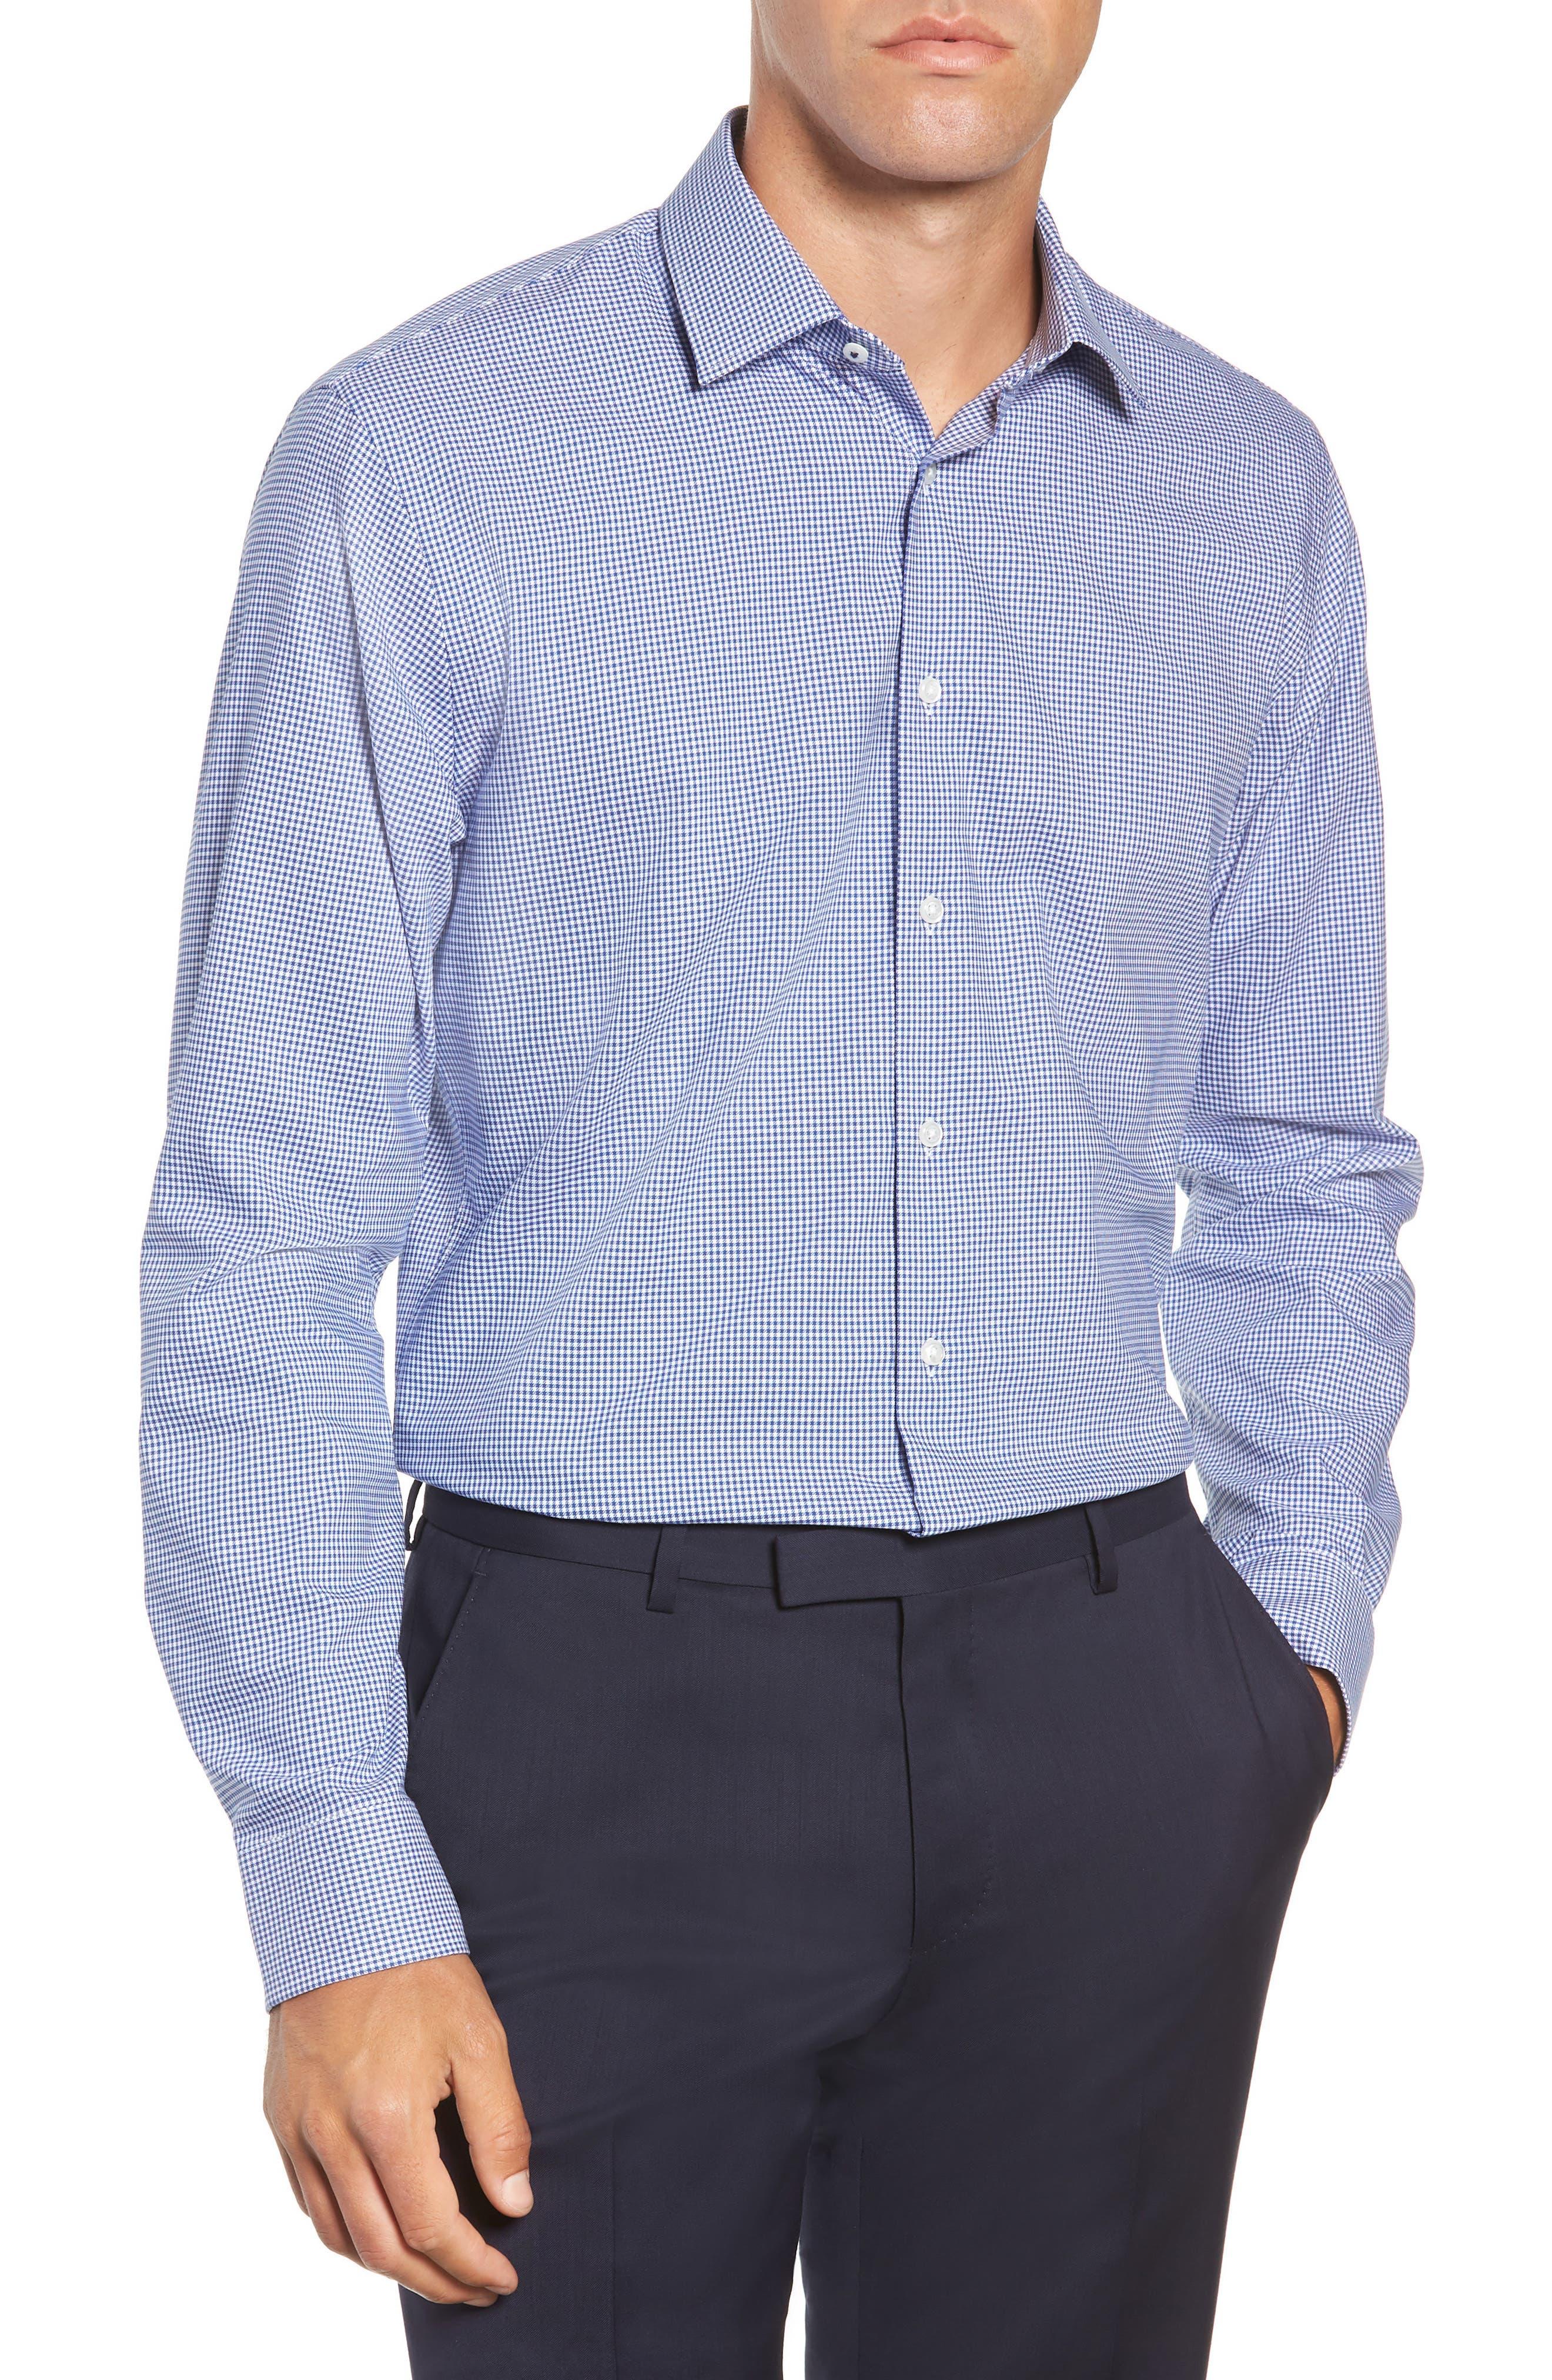 Tech-Smart Trim Fit Stretch Check Dress Shirt,                         Main,                         color, BLUE MARINE